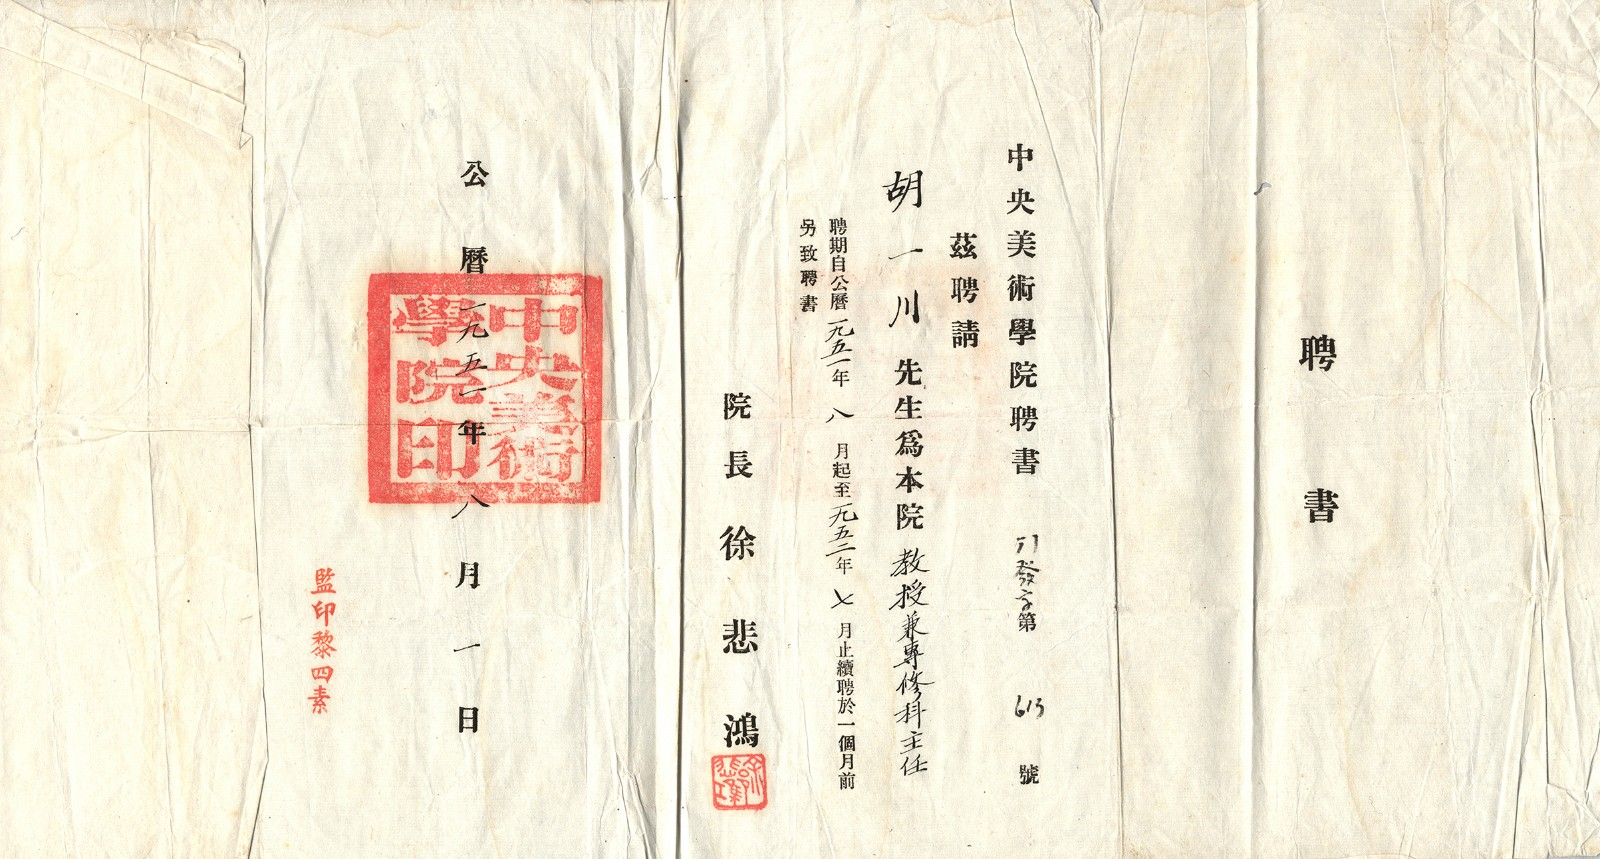 6 1951年,中央美术学院聘请胡一川为教授兼专修科主任聘书(广州美术学院提供).jpg